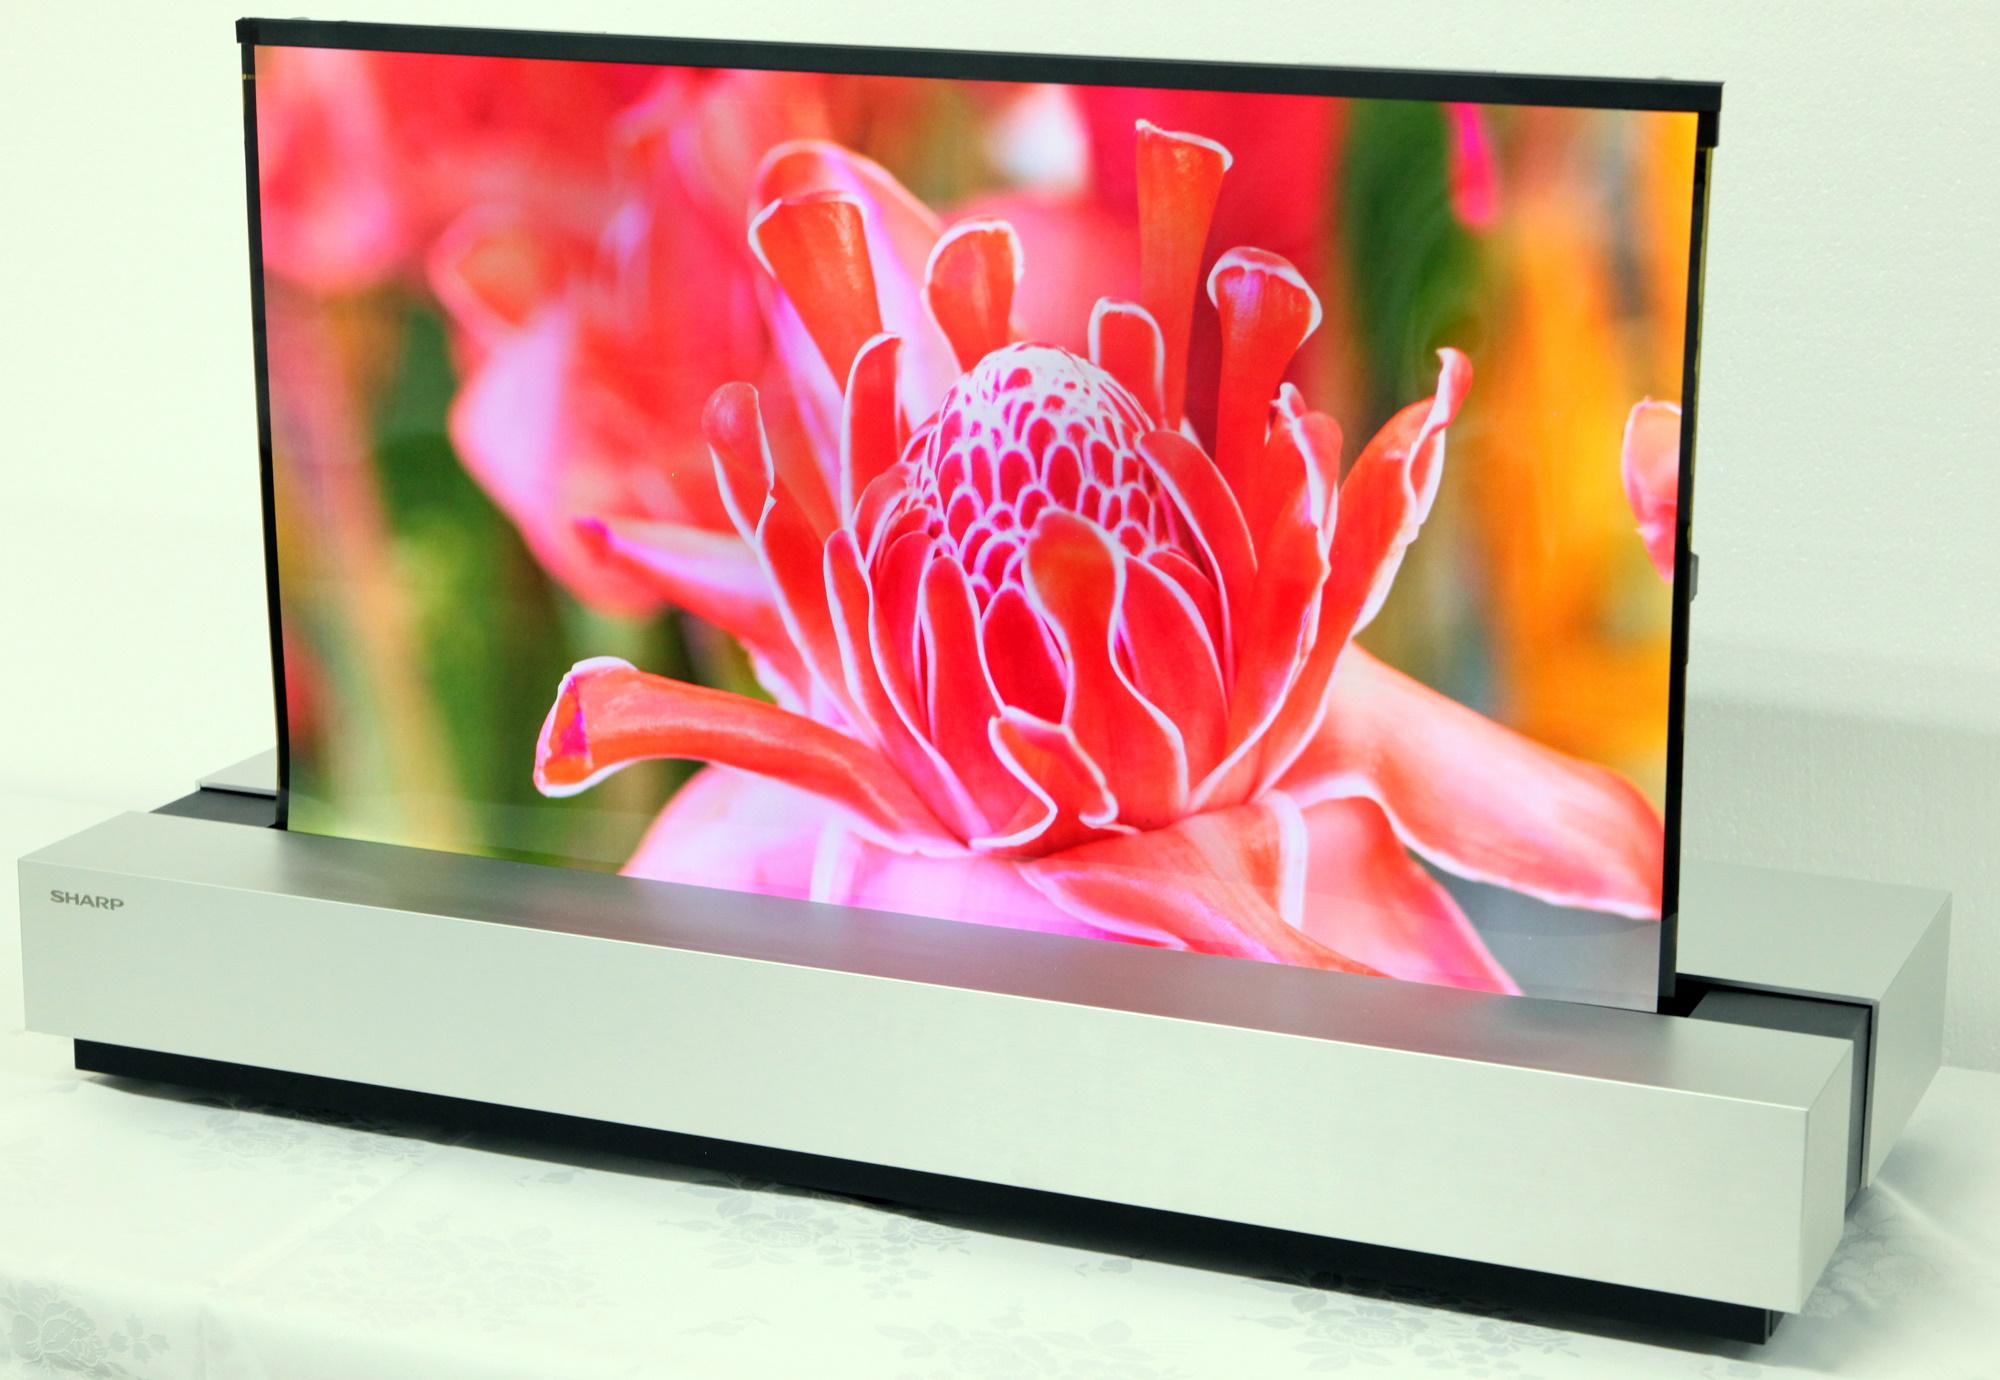 Sharp и NHK совместно разработали новый рулонной 30-дюймовый OLED дисплей